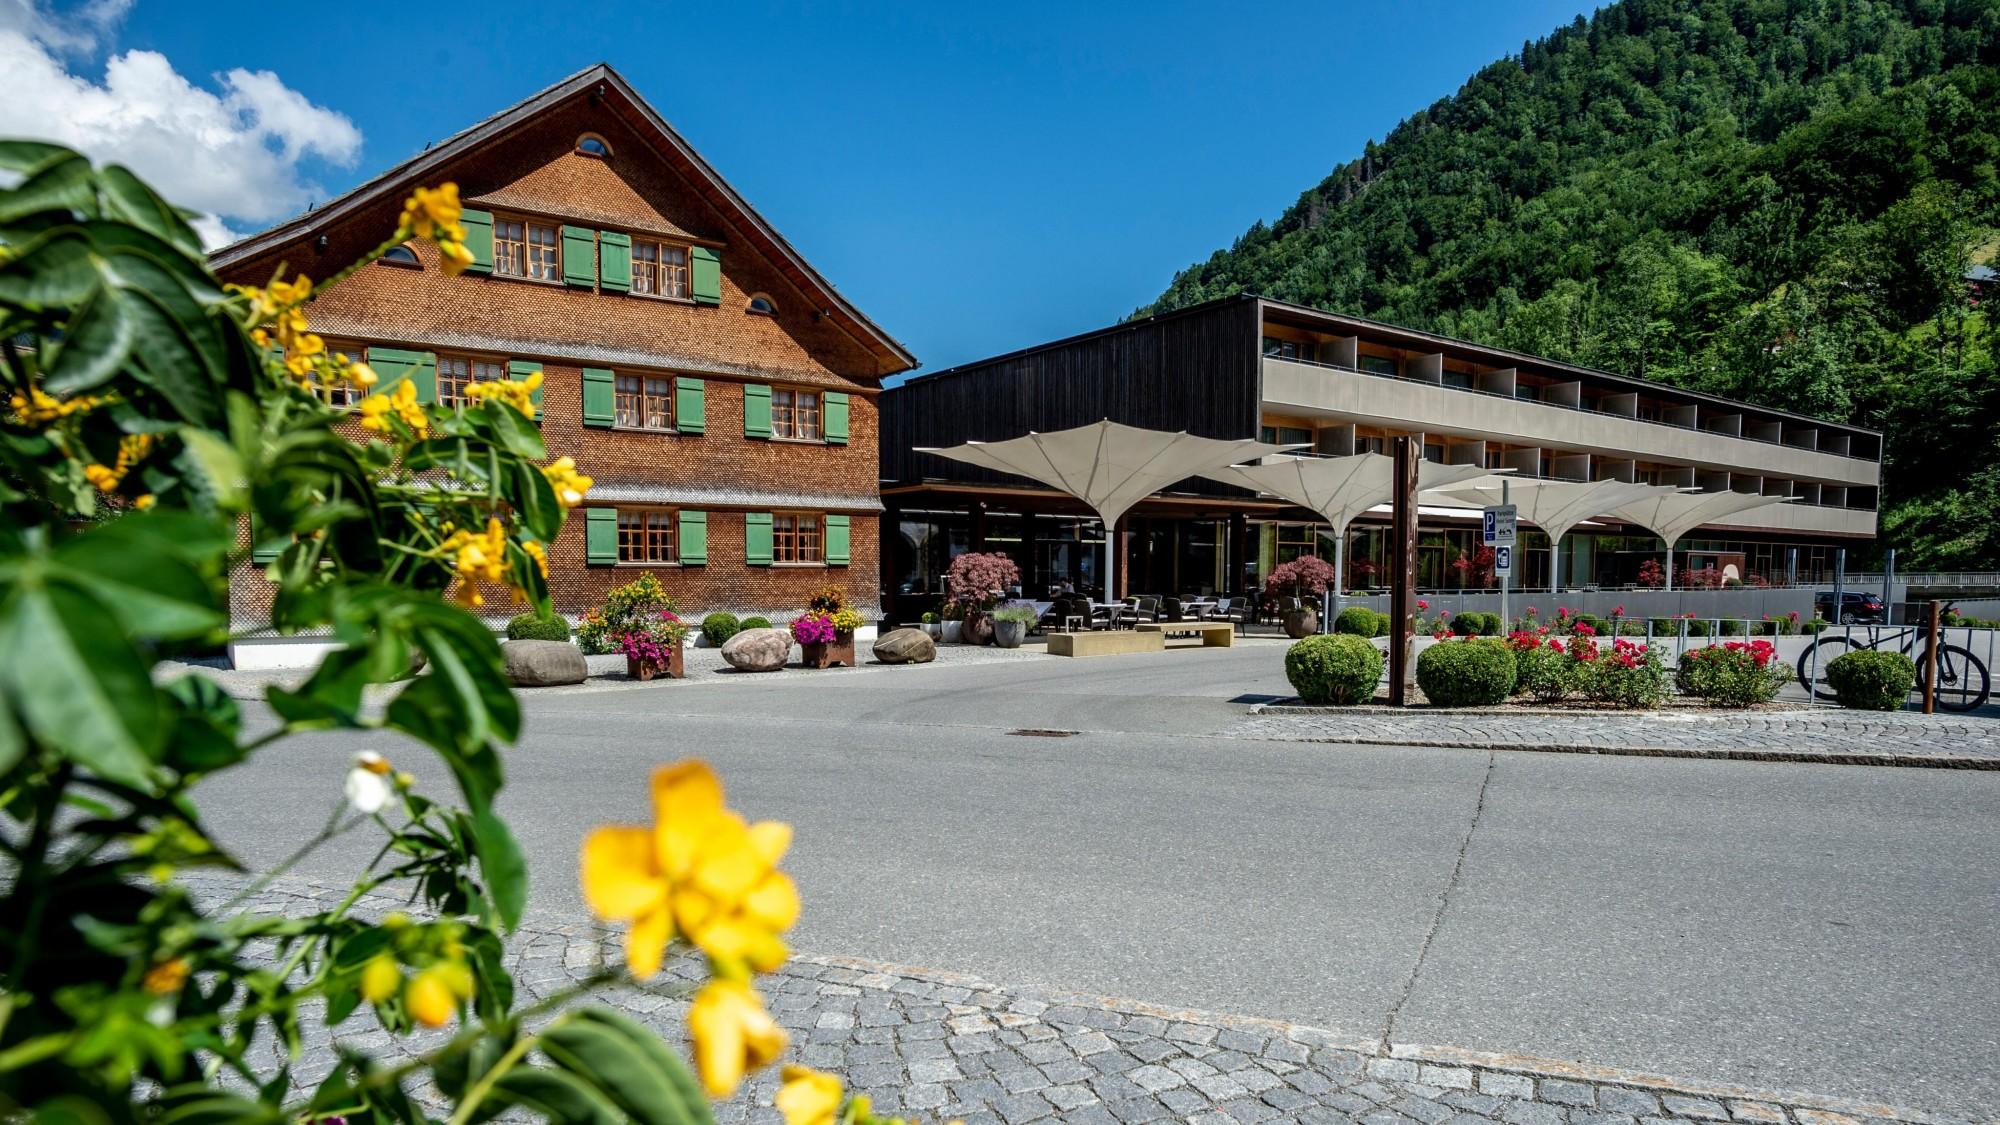 Hotel Sonne in Mellau